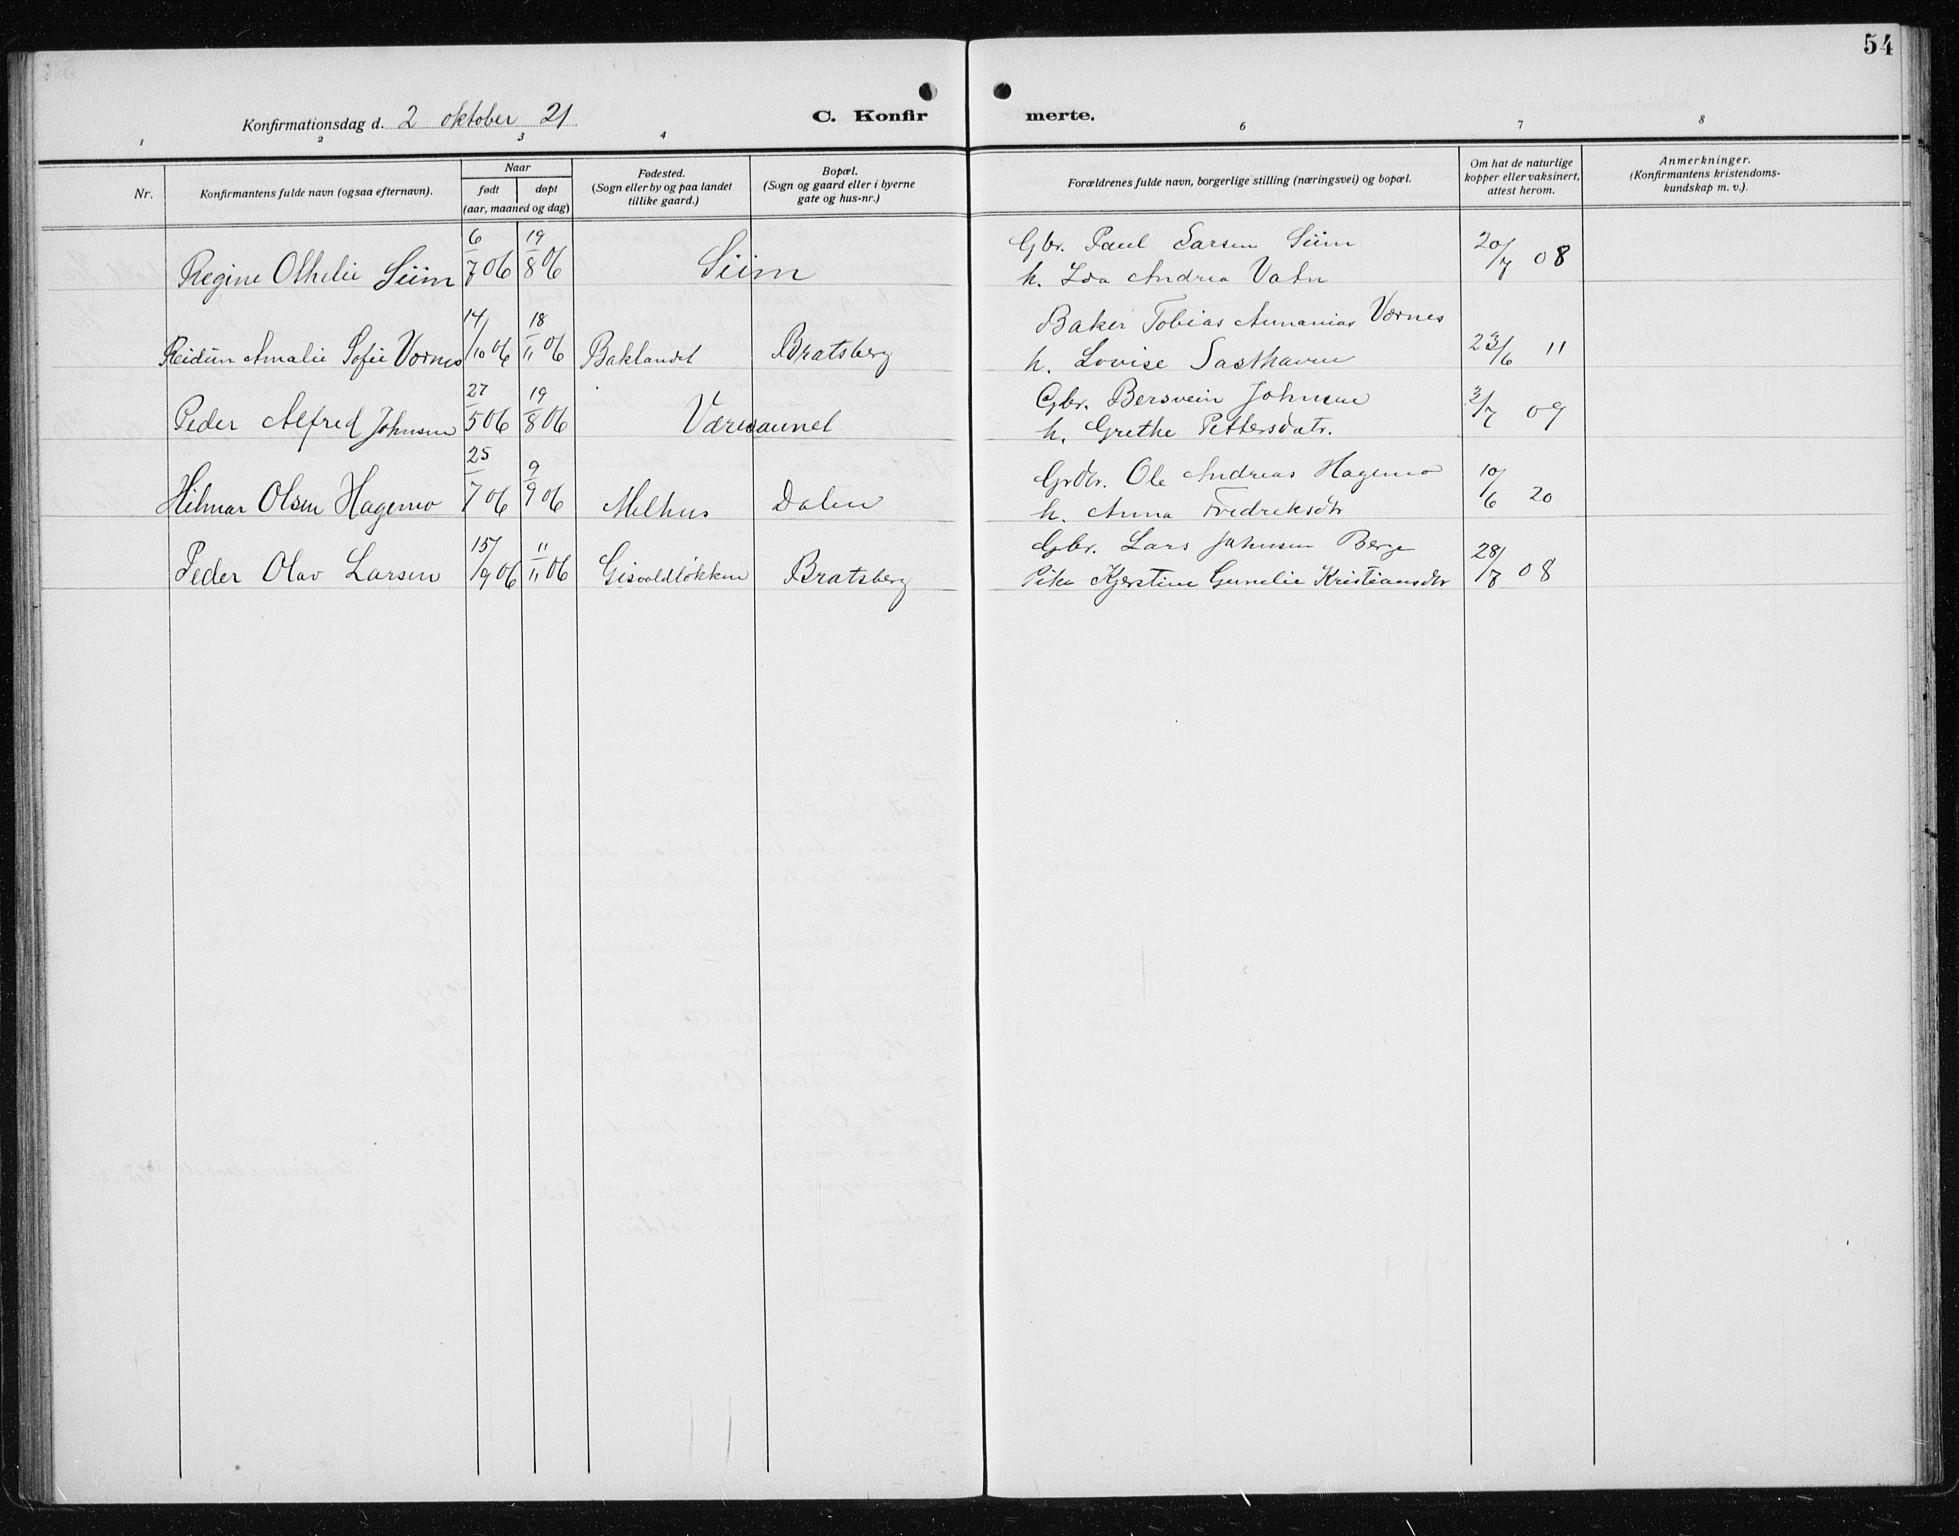 SAT, Ministerialprotokoller, klokkerbøker og fødselsregistre - Sør-Trøndelag, 608/L0342: Klokkerbok nr. 608C08, 1912-1938, s. 54